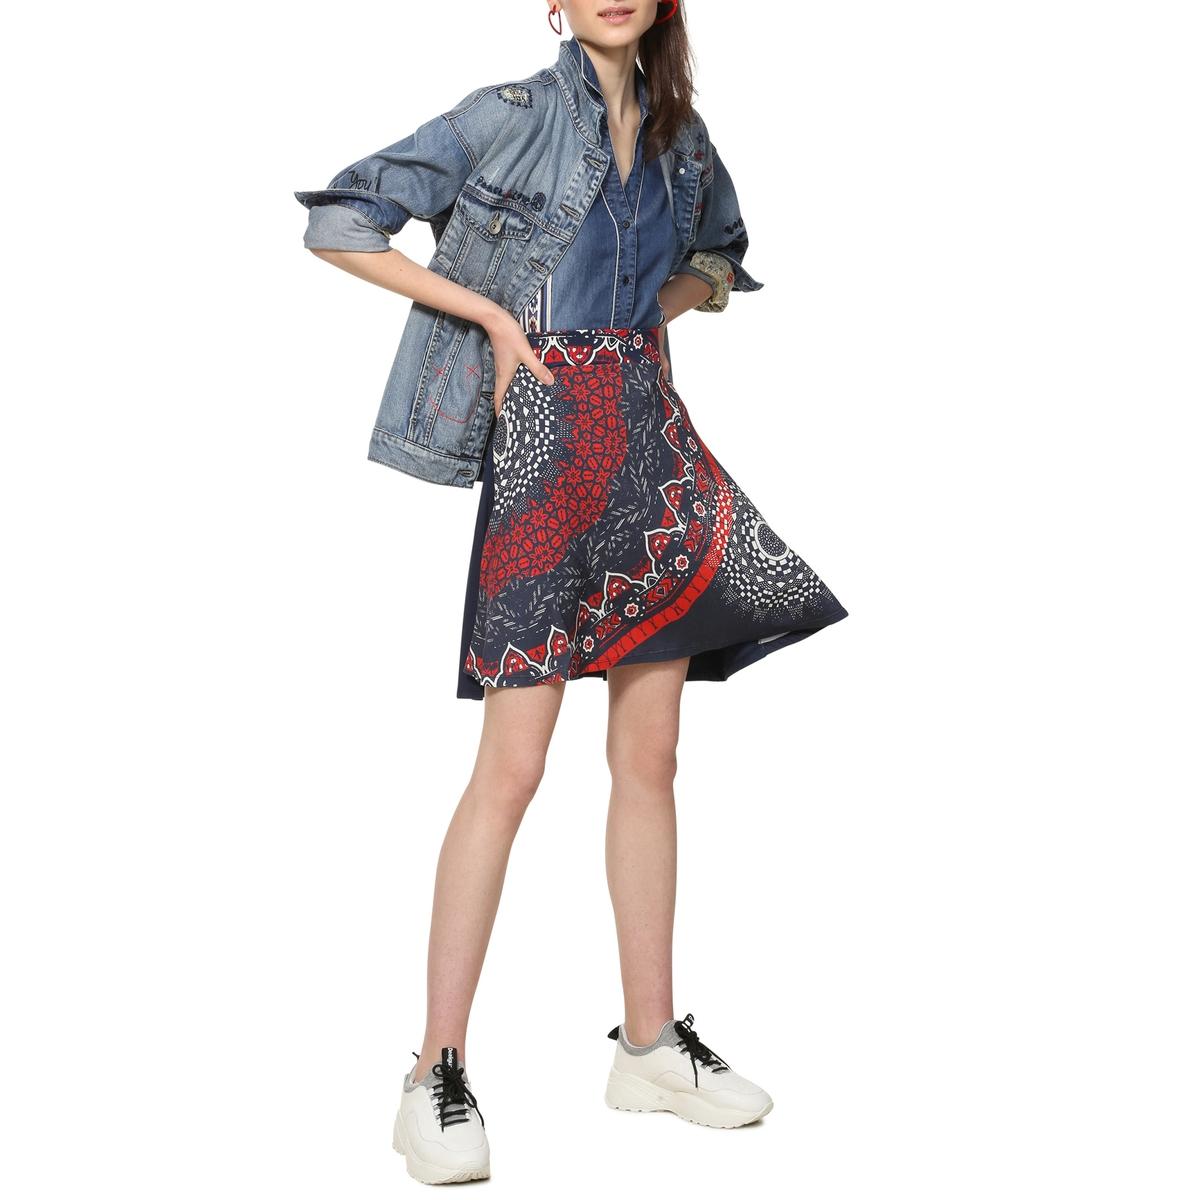 Falda vaporosa estilo patinadora, con estampado gráfico